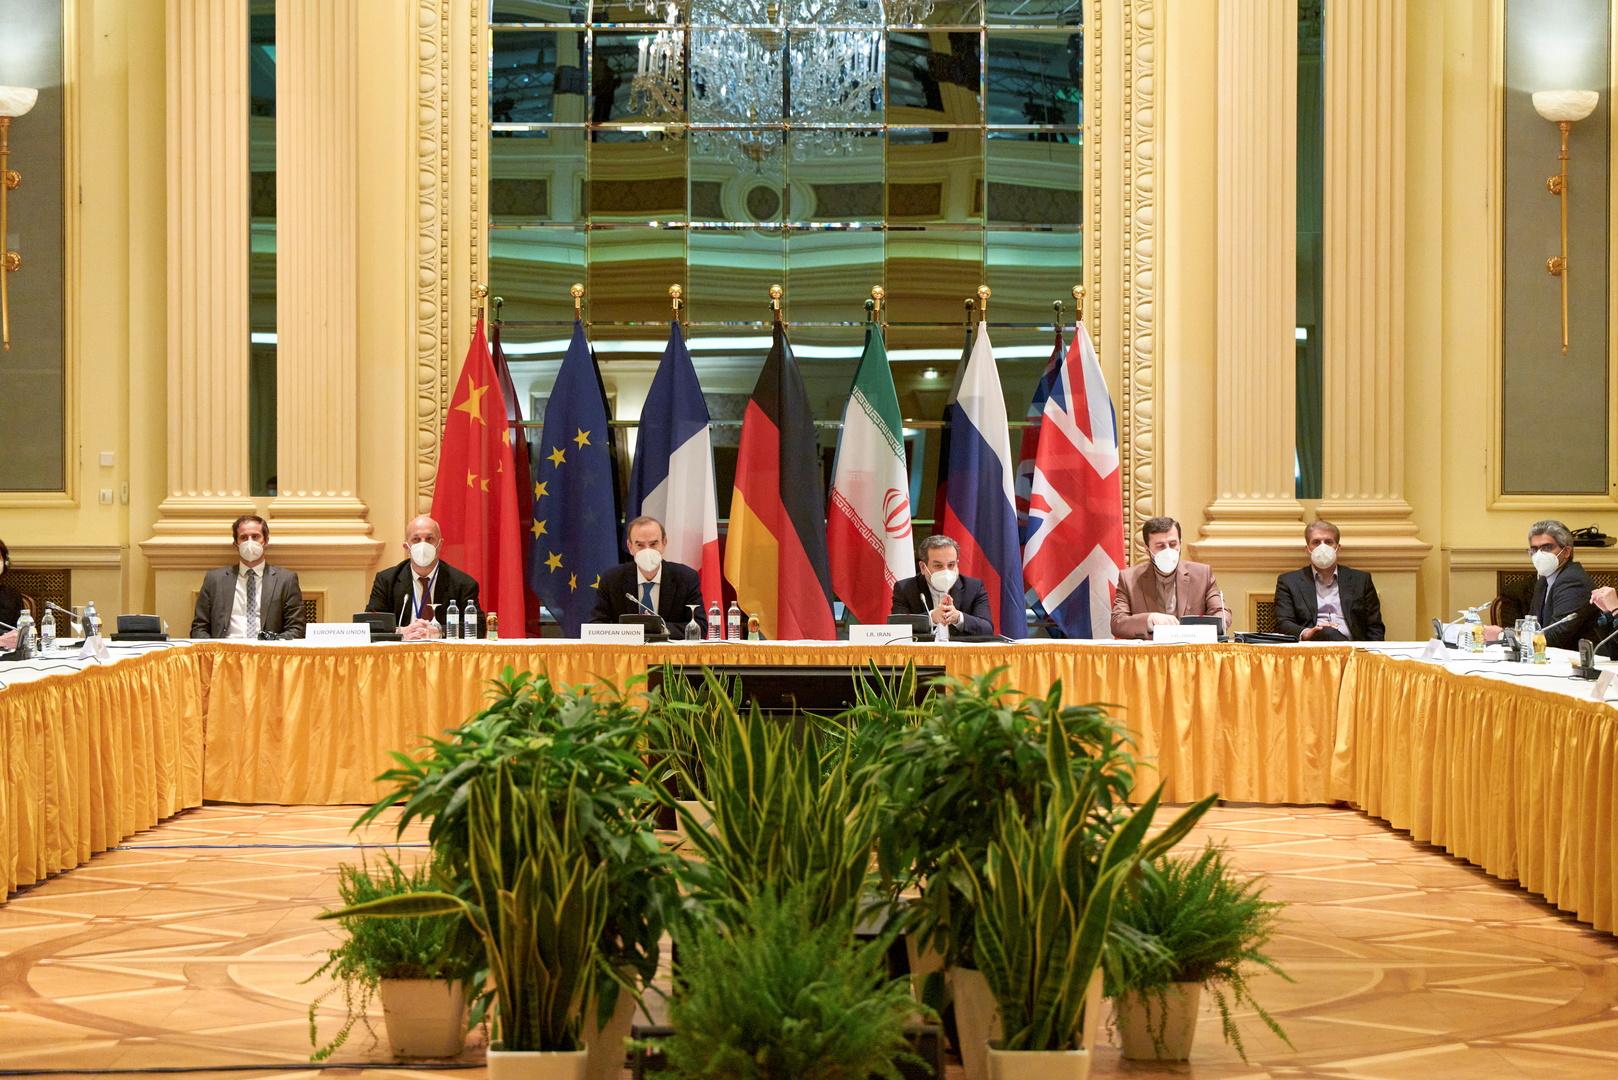 الاتحاد الأوروبي: استمرار محادثات فيينا حول الاتفاق النووي الأسبوع المقبل